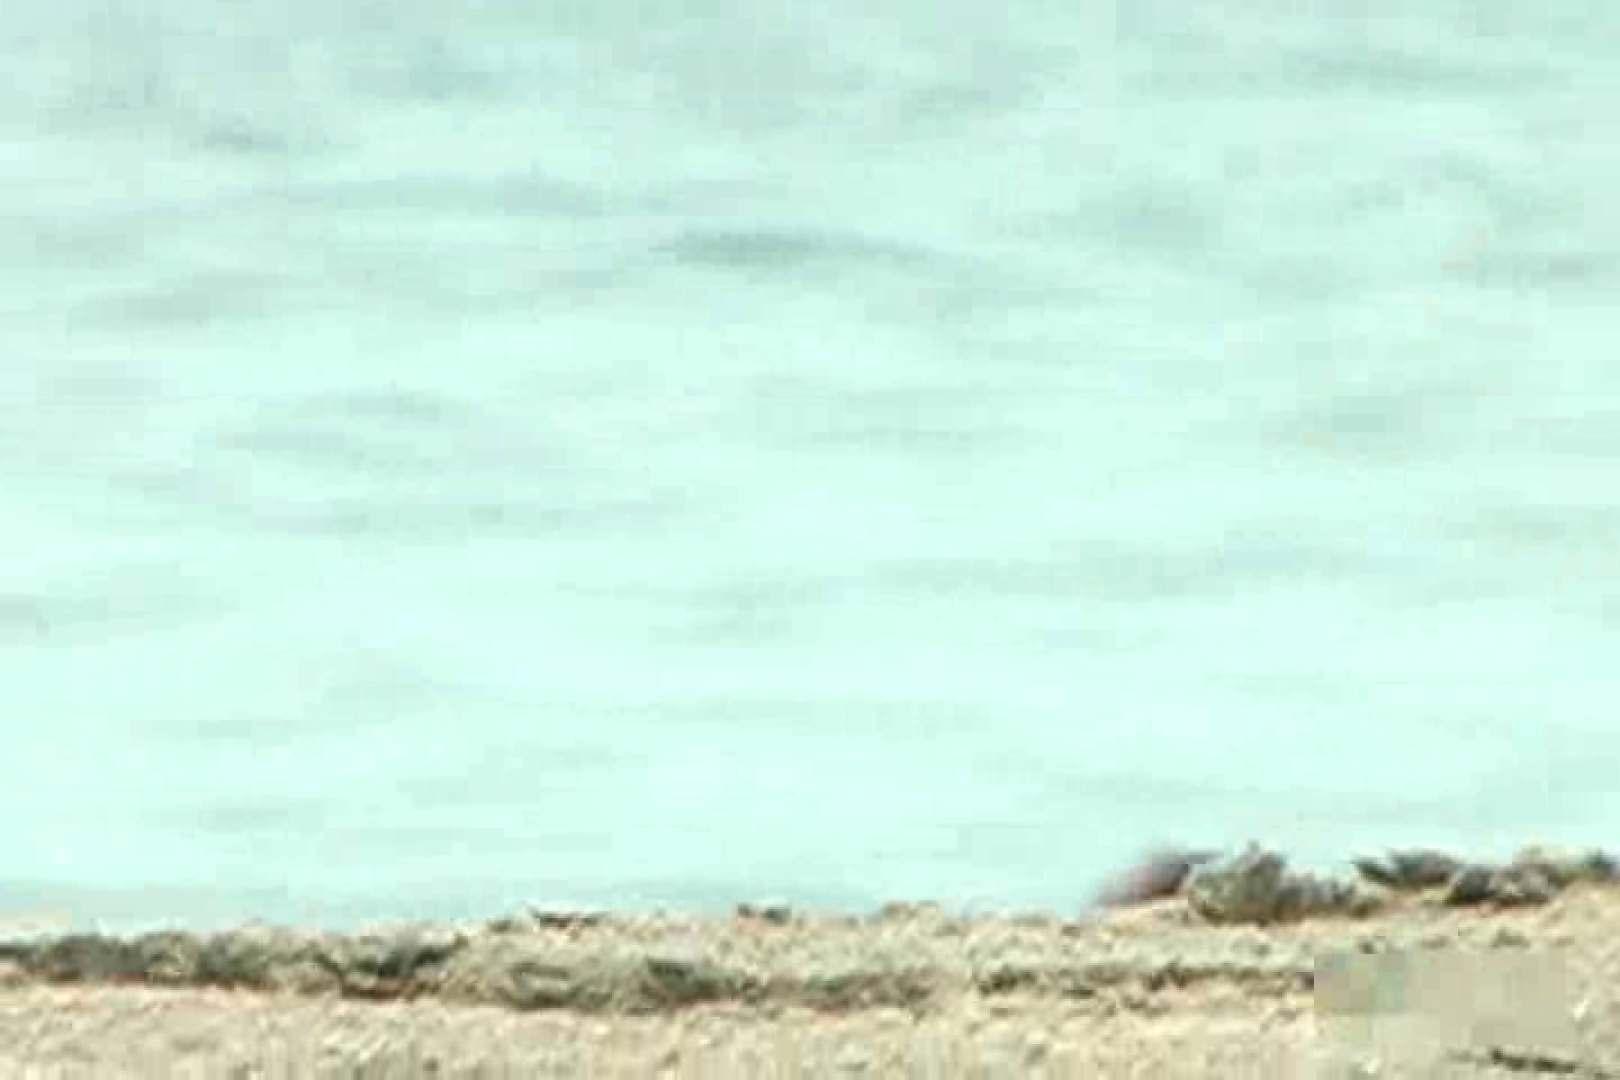 ビーチで起きたあなたの知らない世界!!Vol.1 乳首 オマンコ無修正動画無料 99PIX 83